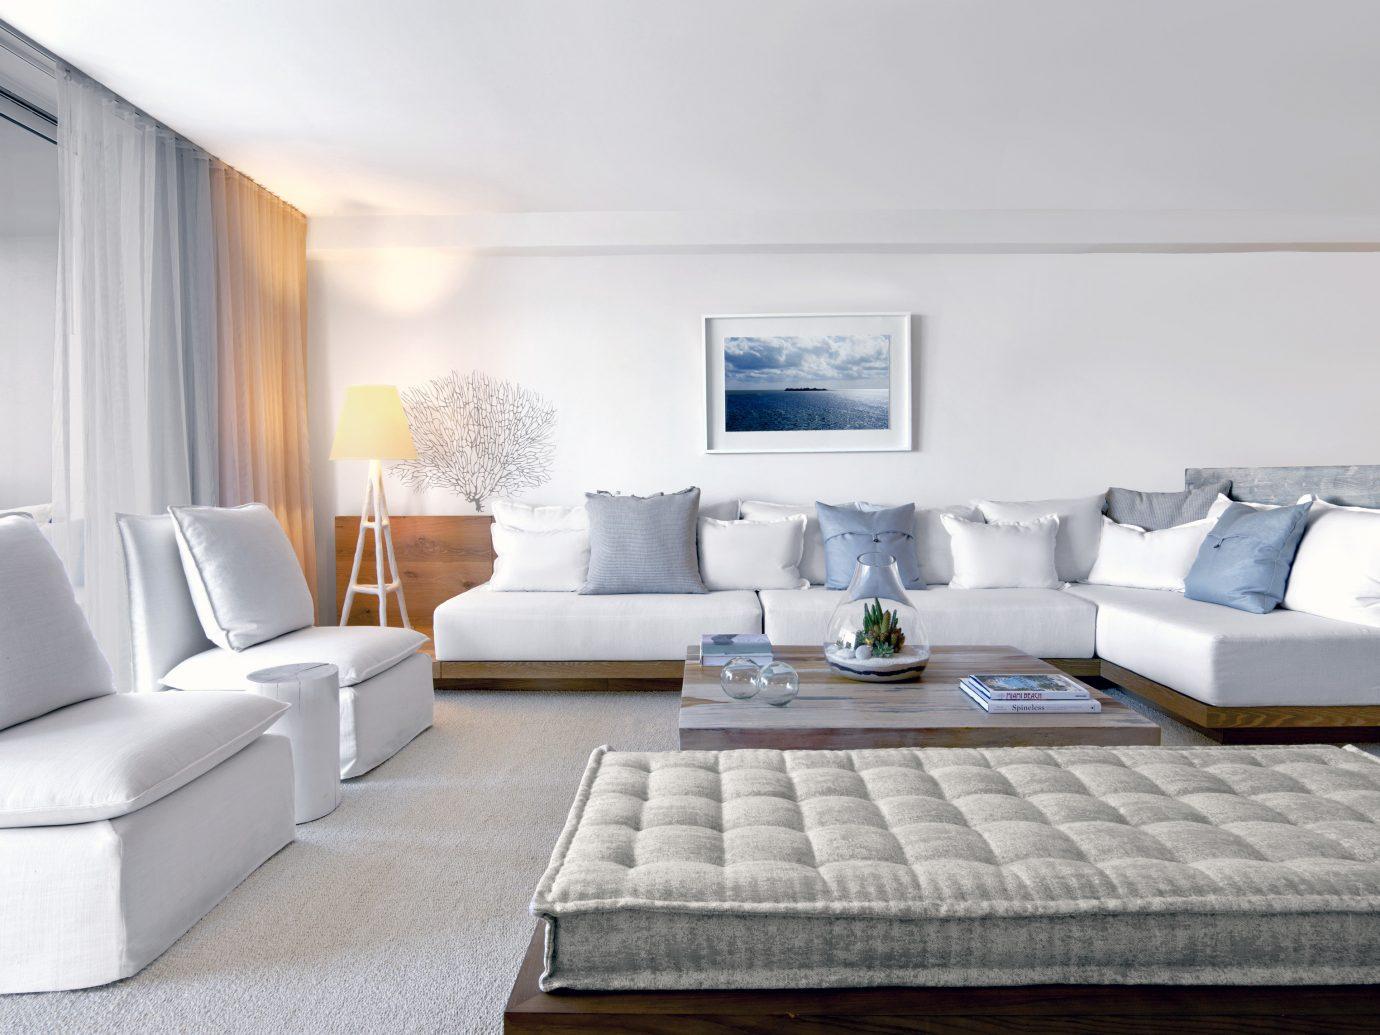 Beach Hotels Romance indoor sofa floor wall Living room property living room Suite interior design furniture white real estate home Bedroom Design condominium apartment estate